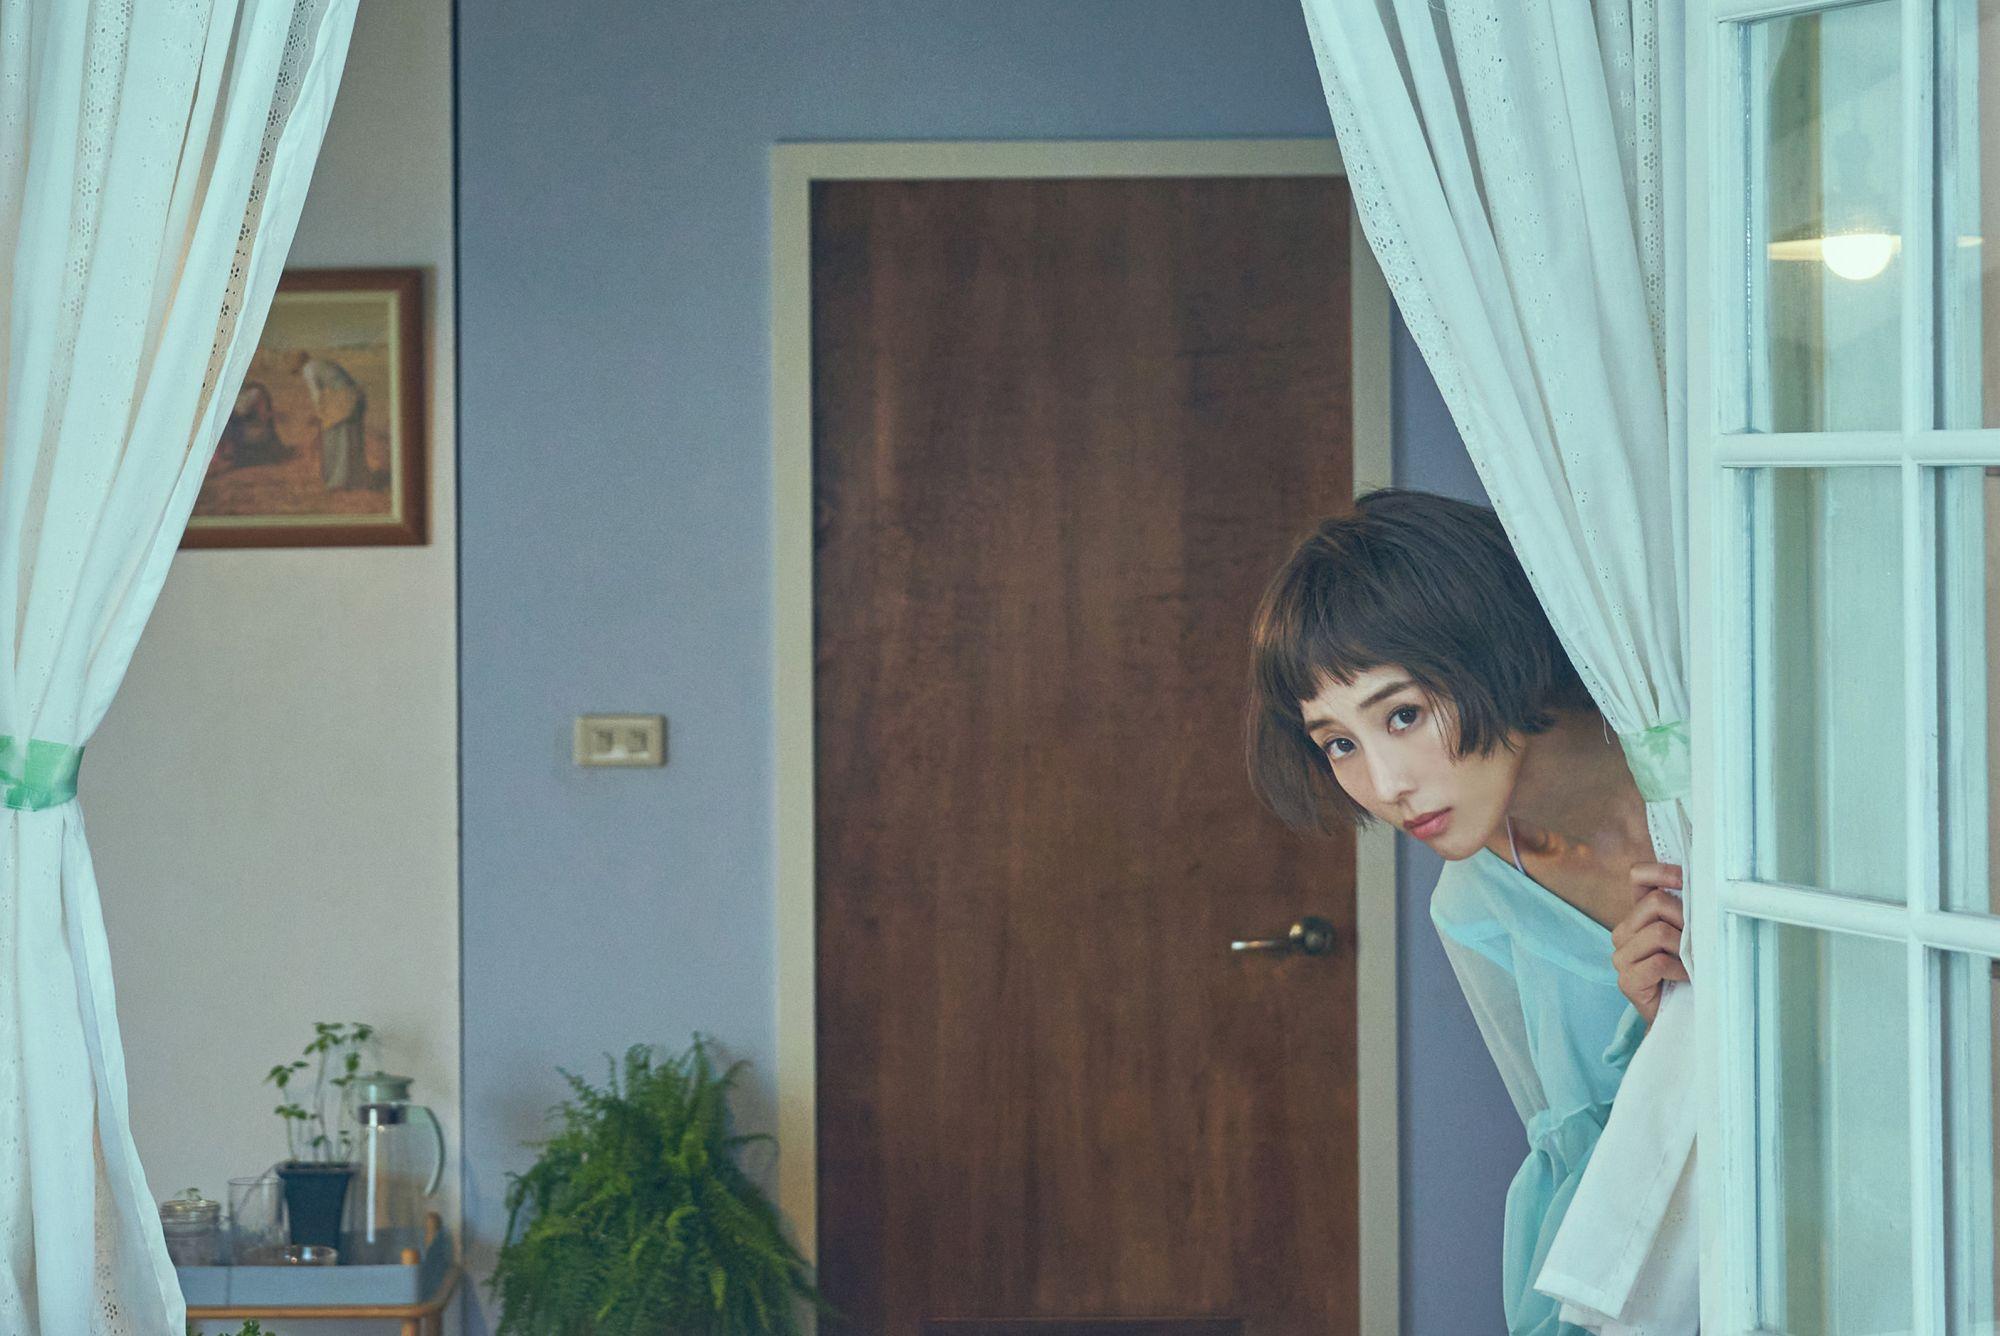 氣質女神張鈞甯化身為怪怪美少女,奇誕刻劃「剪刀找貓」都市傳說。